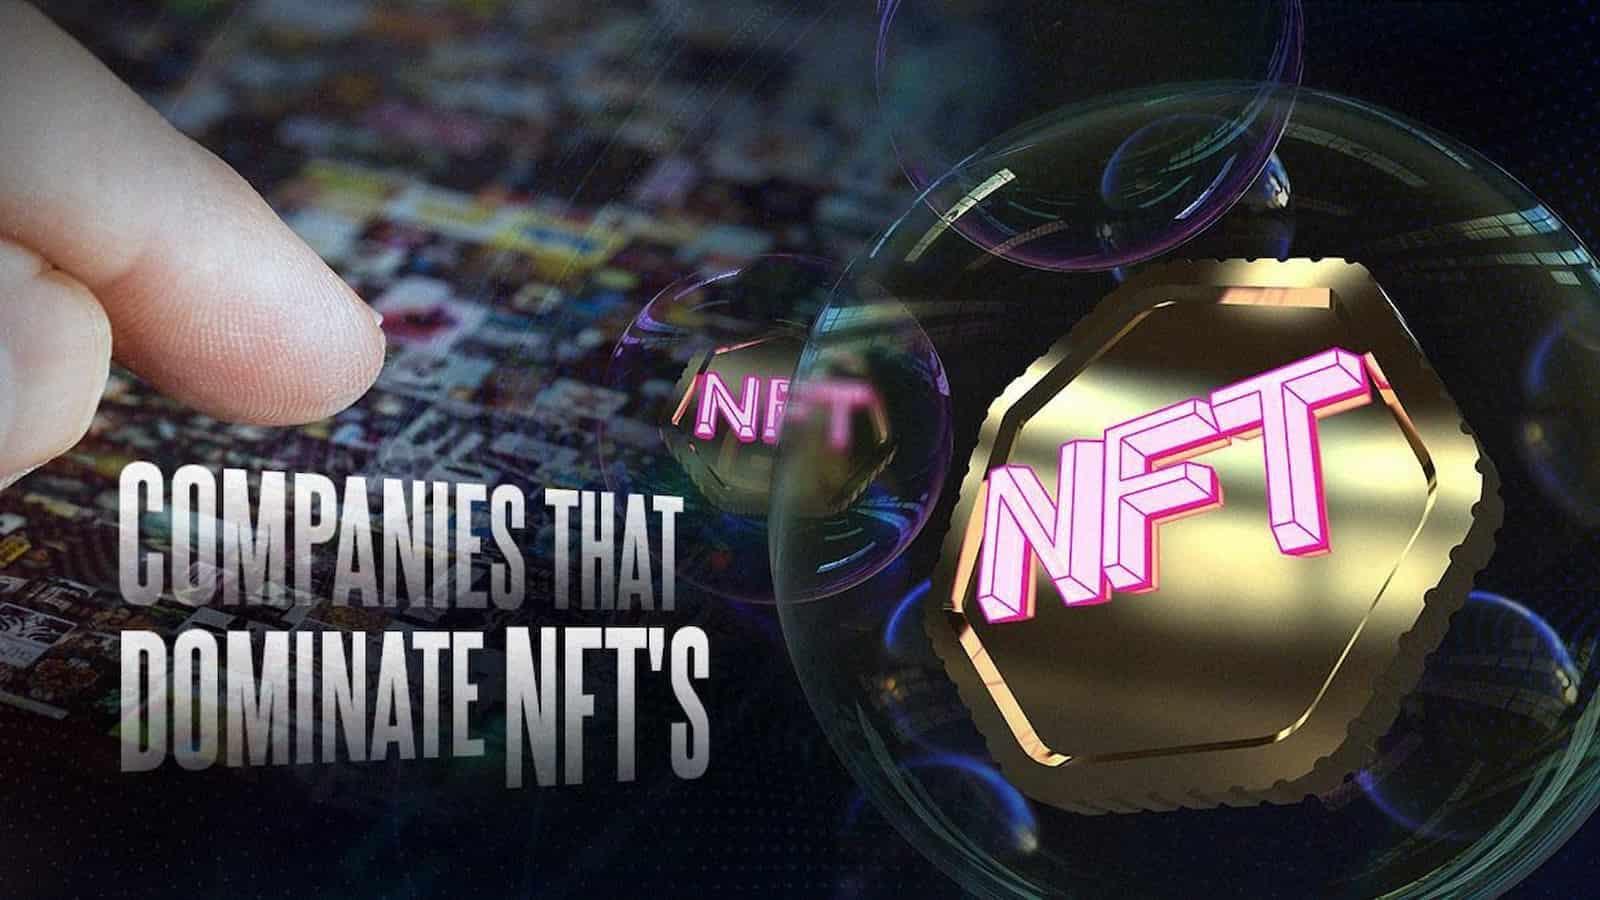 nft companies